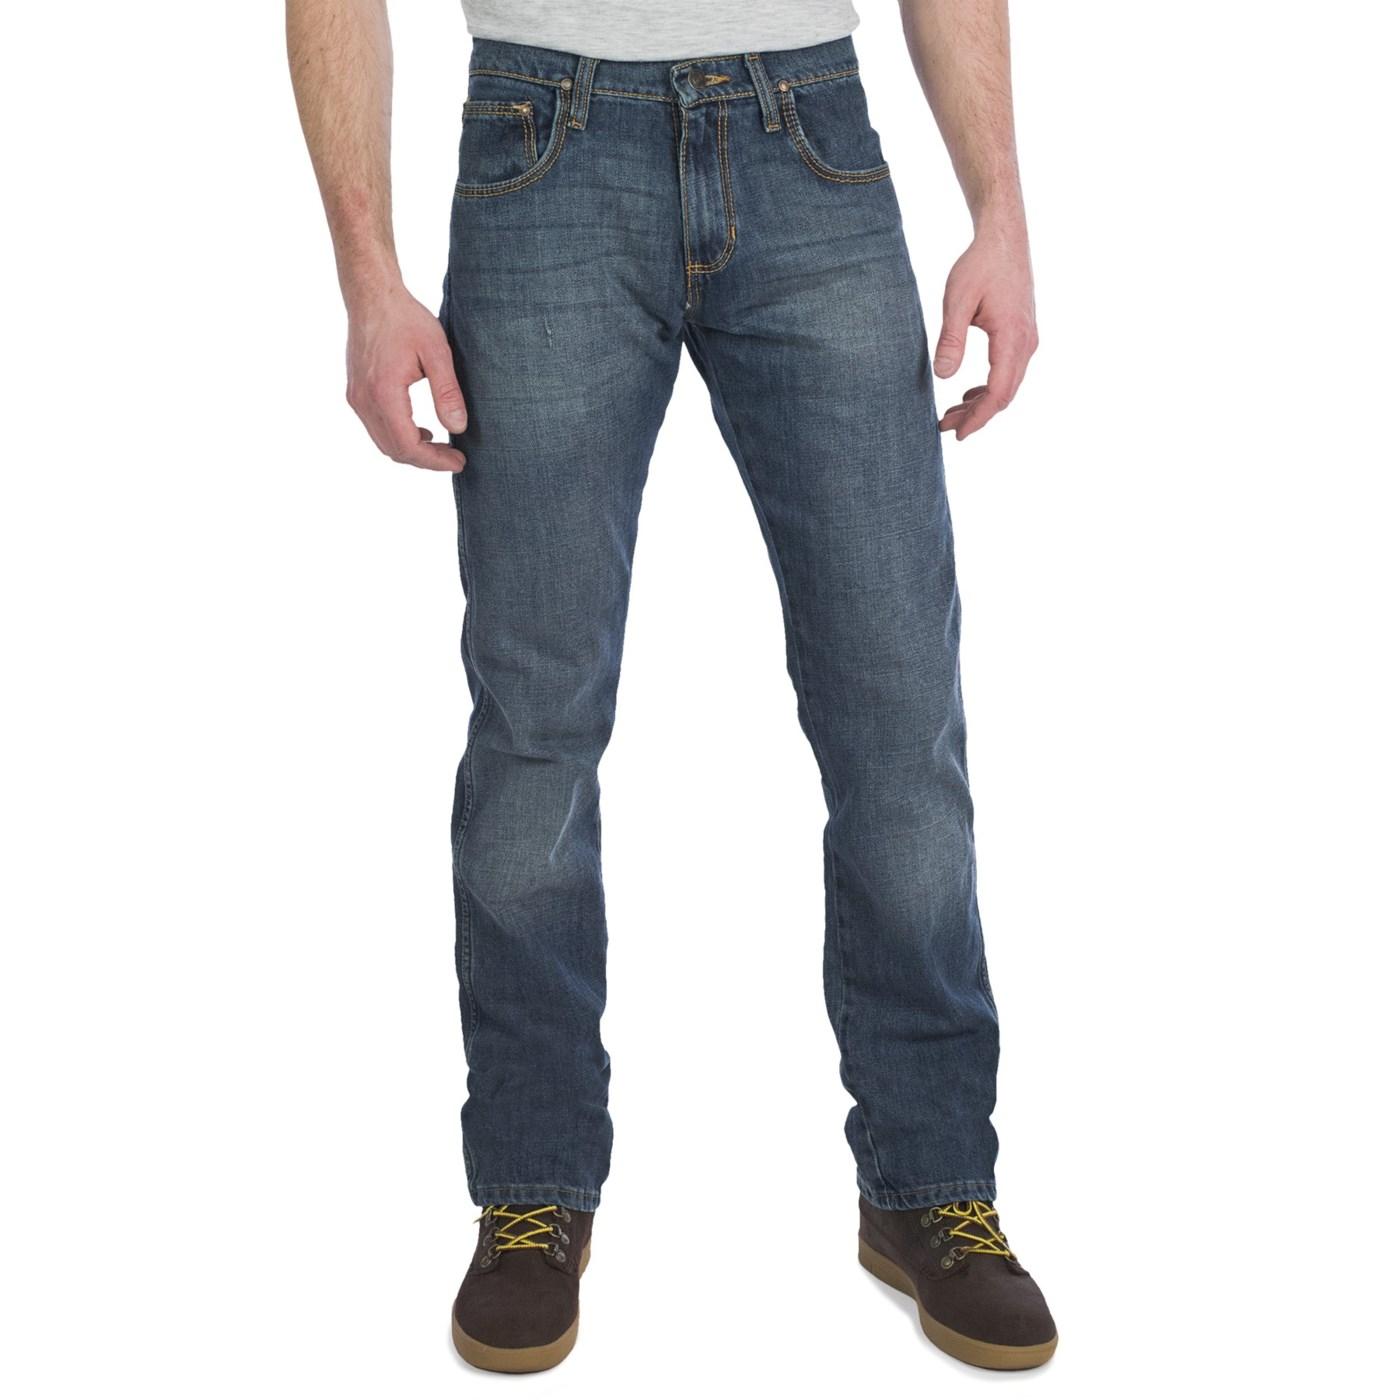 22be5ed8 Wrangler Retro Jeans (For Men) 5928V 75 on PopScreen